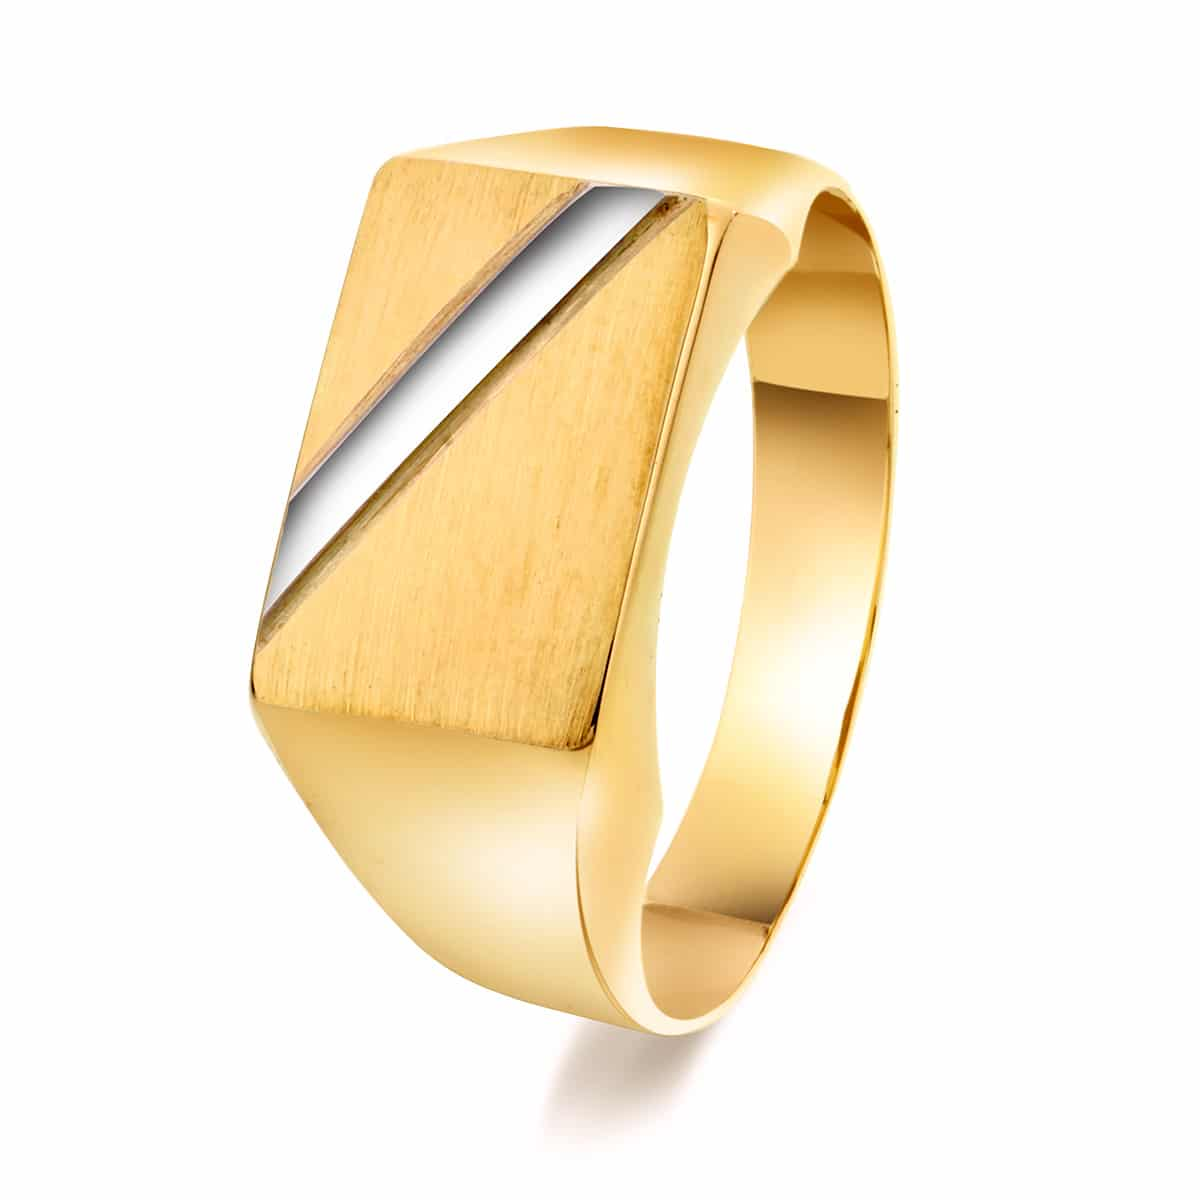 4c08bc44 Arne Nordlie - Ring gult gull - Presis Ur & Gull AS %